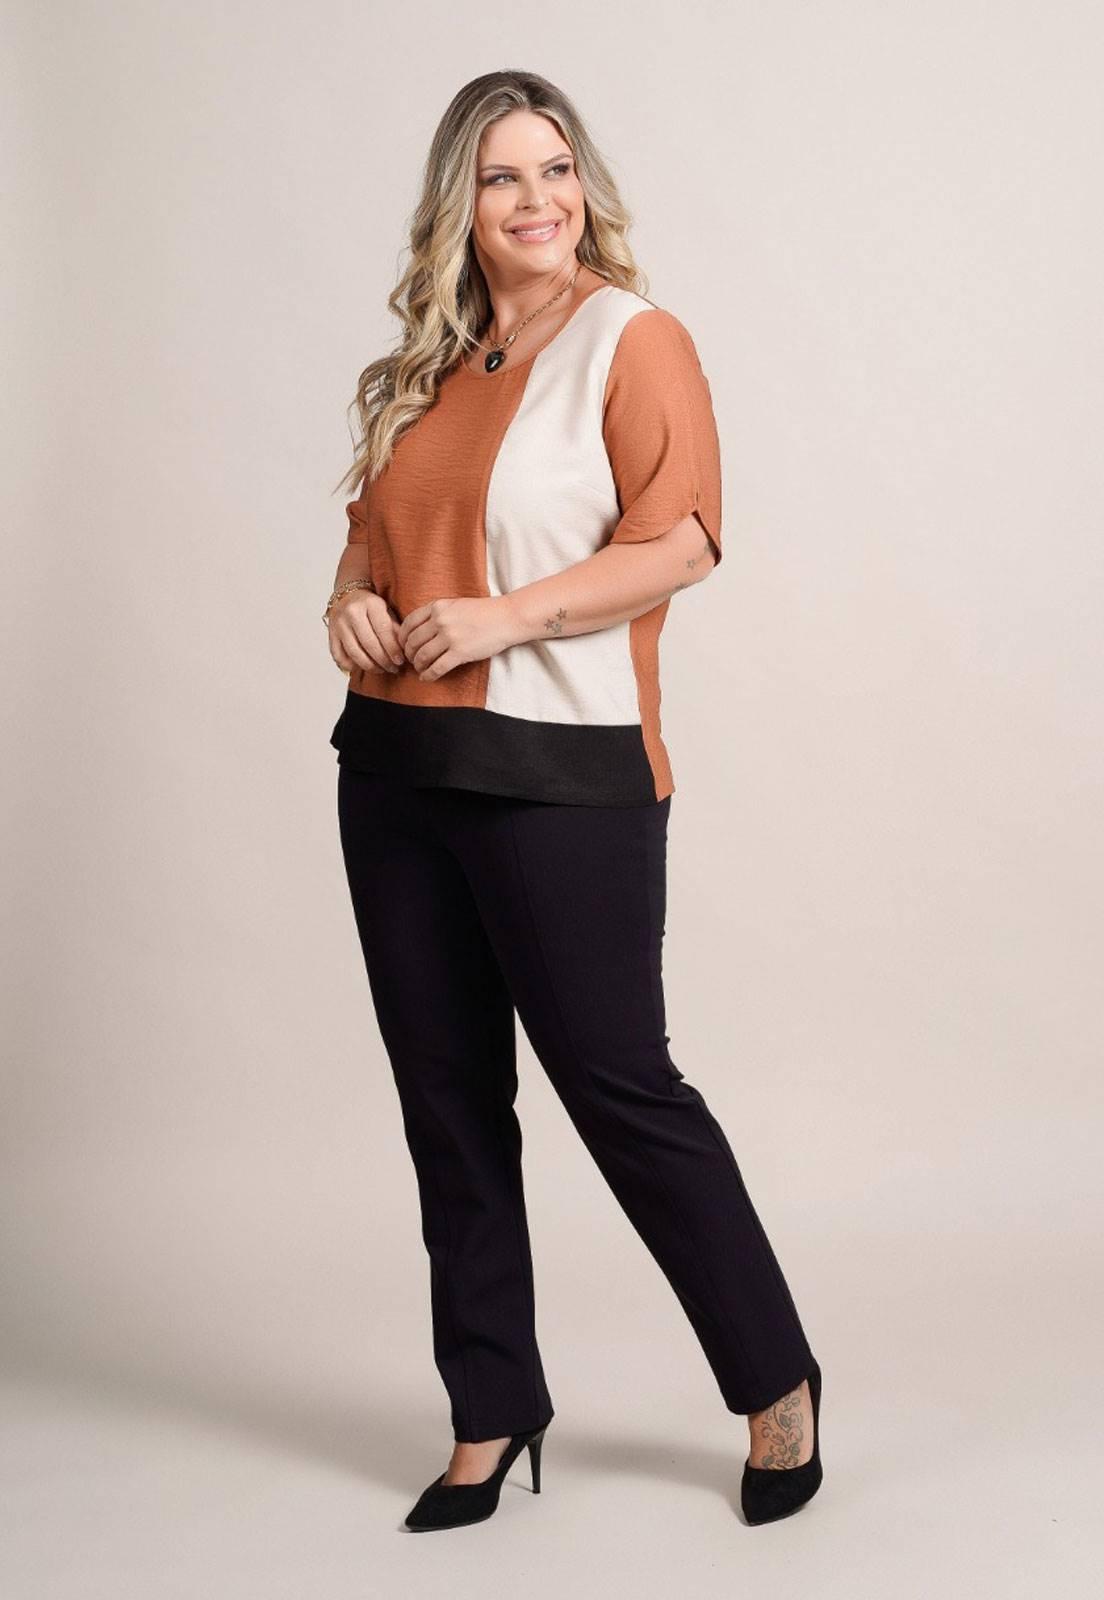 Conjunto calça e blusa  plus size  Ref. U60621